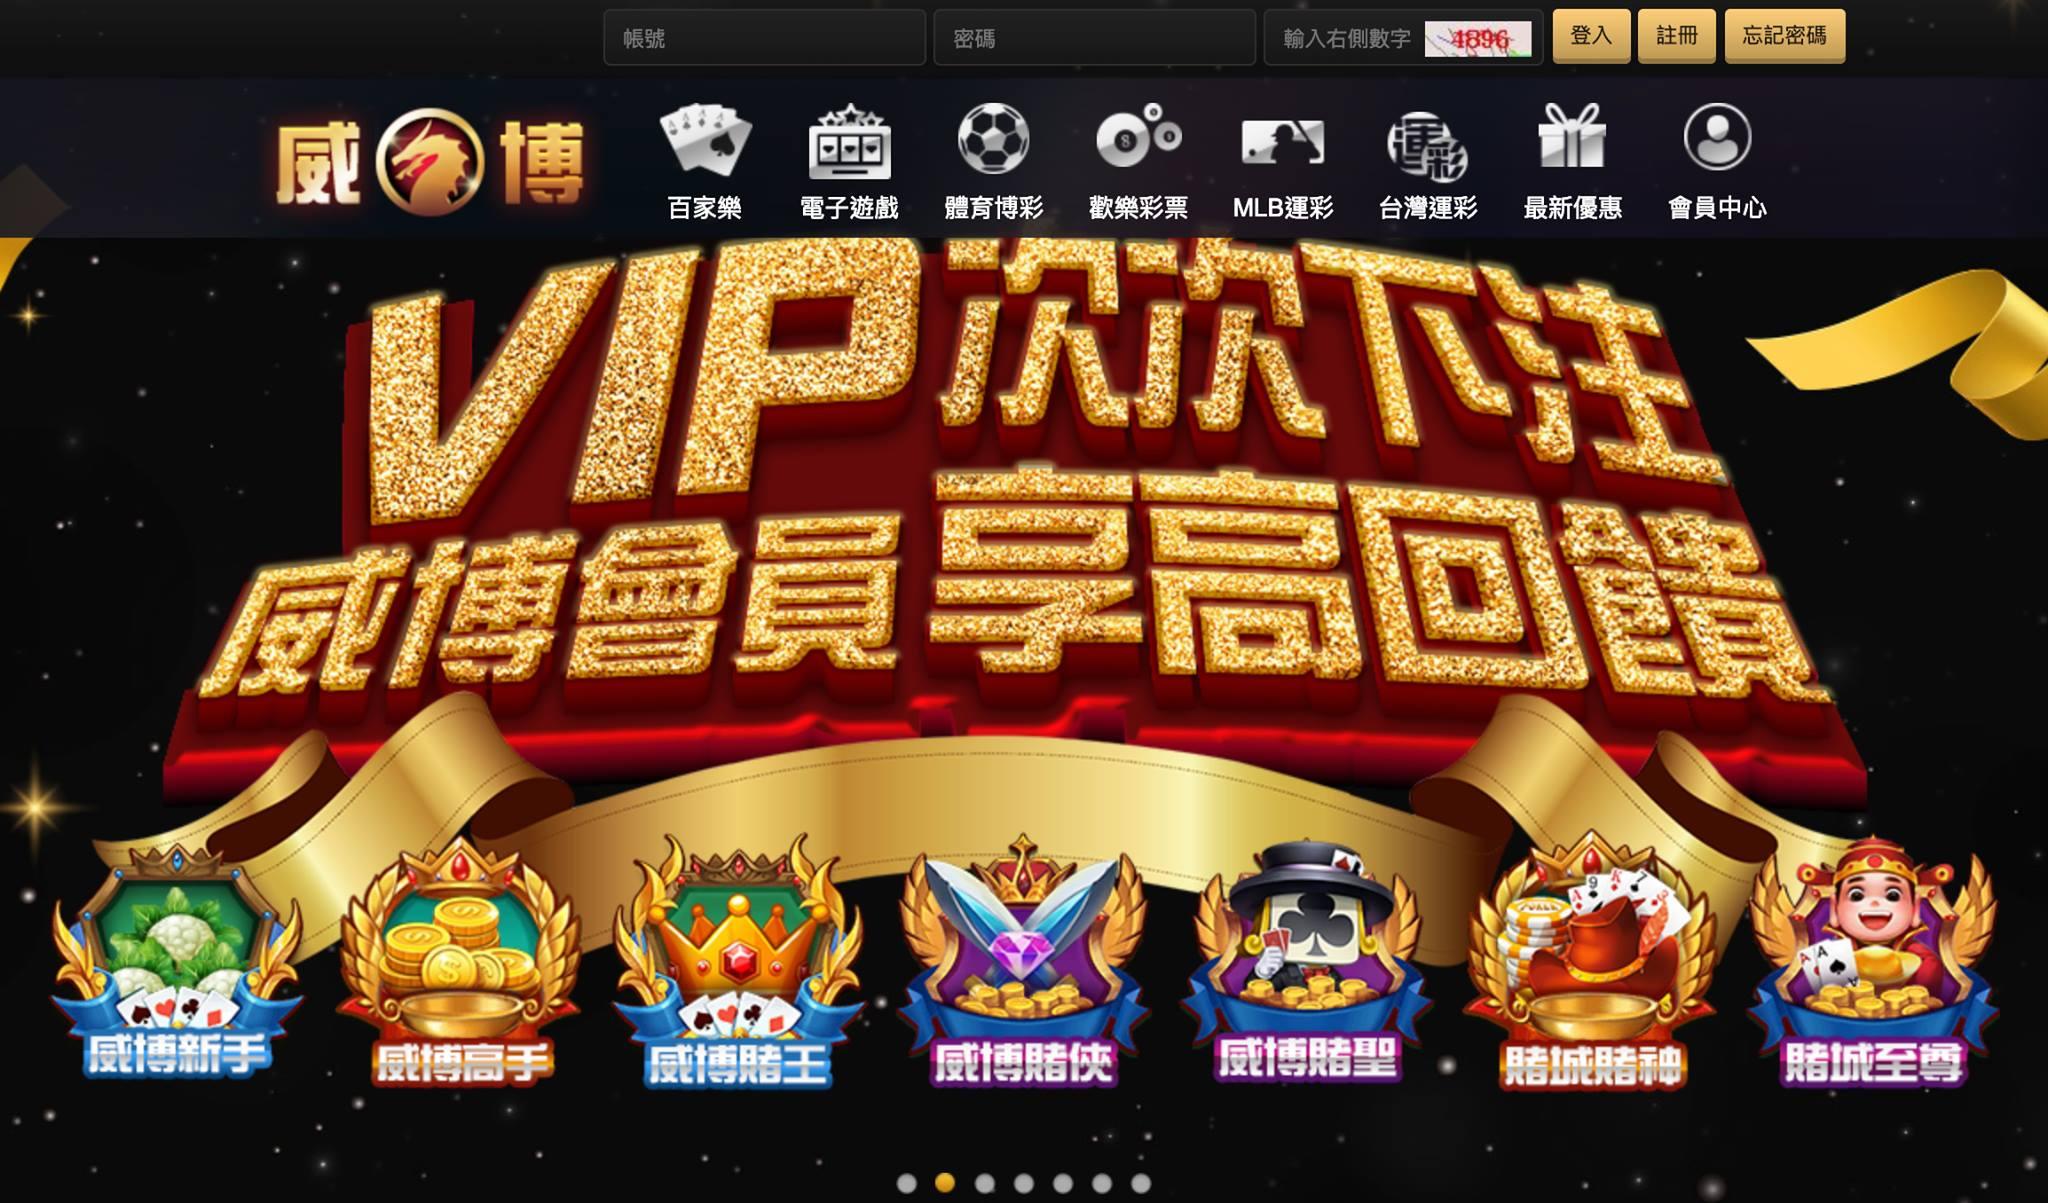 威博娛樂城 詐騙黑網嗎?